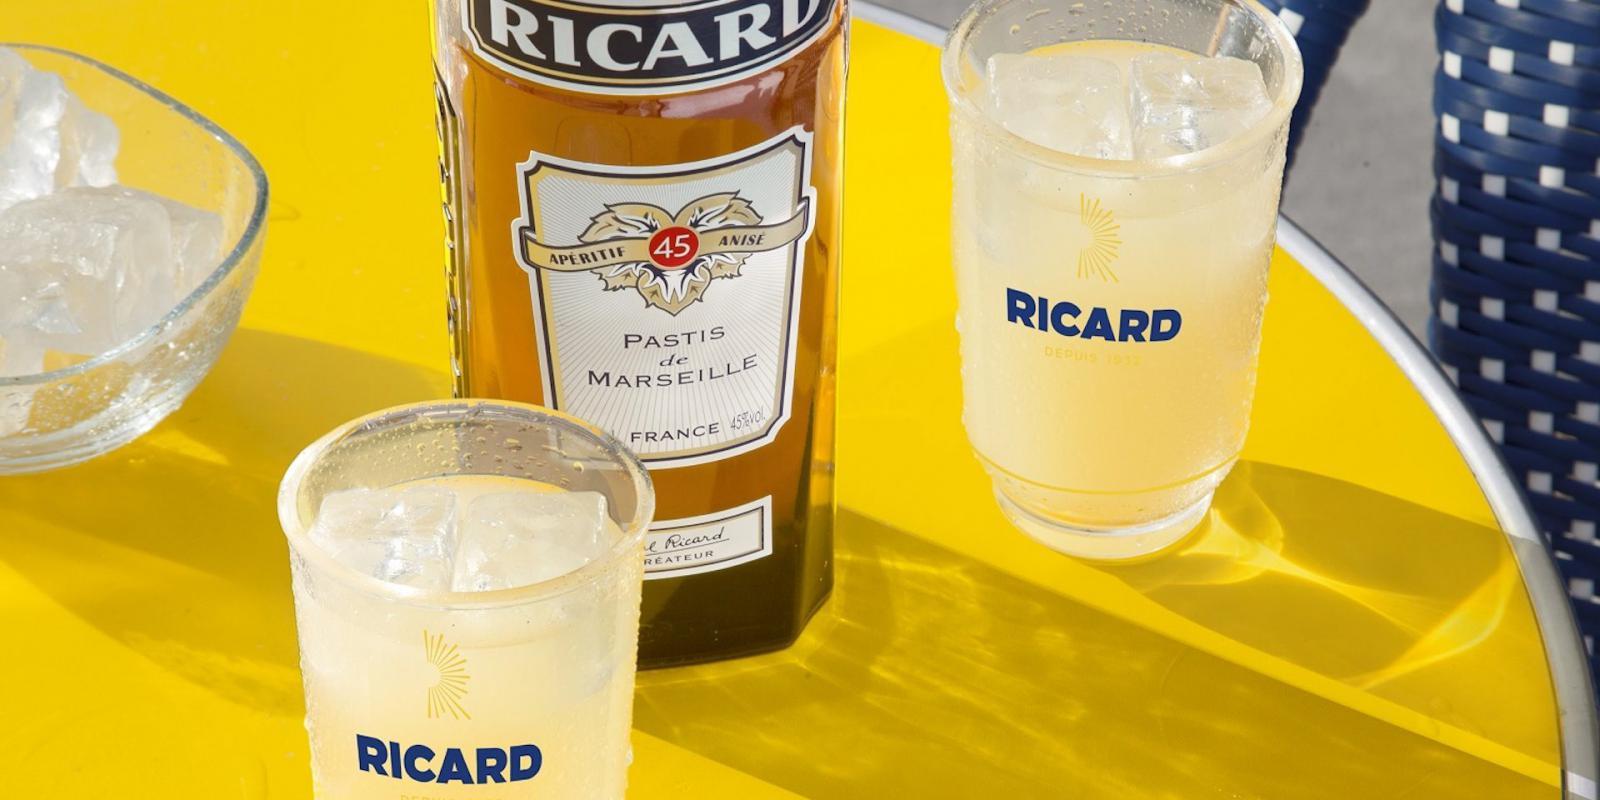 Image décrivant le produit Ricard qui fait partie des Apéritifs